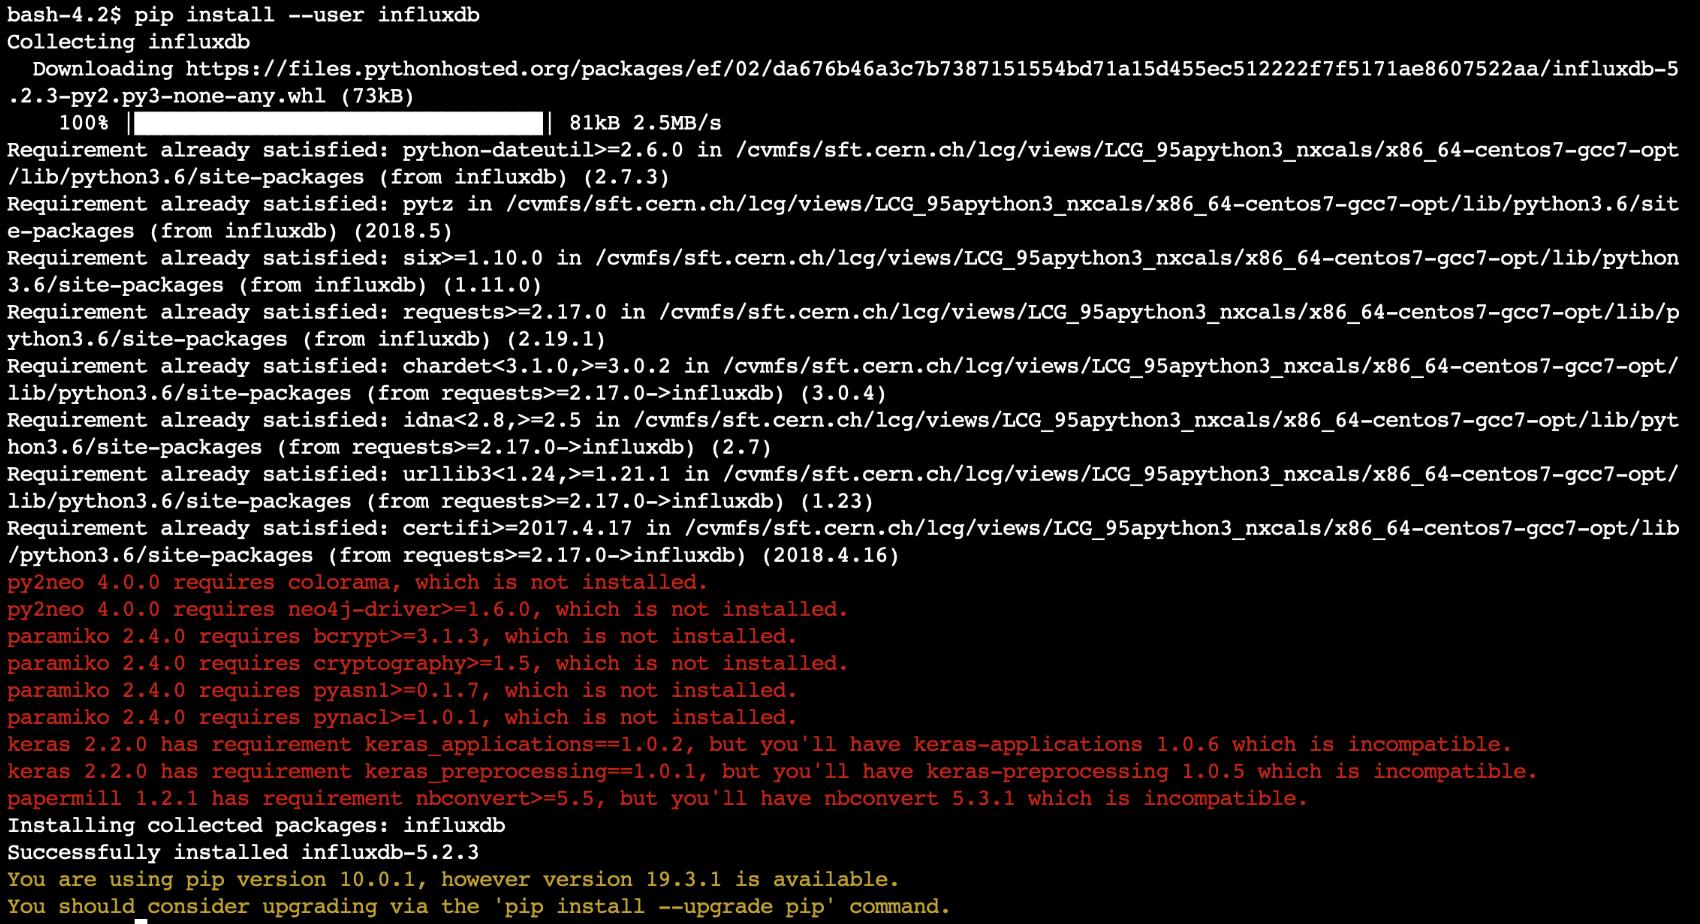 SWAN pip install influxdb